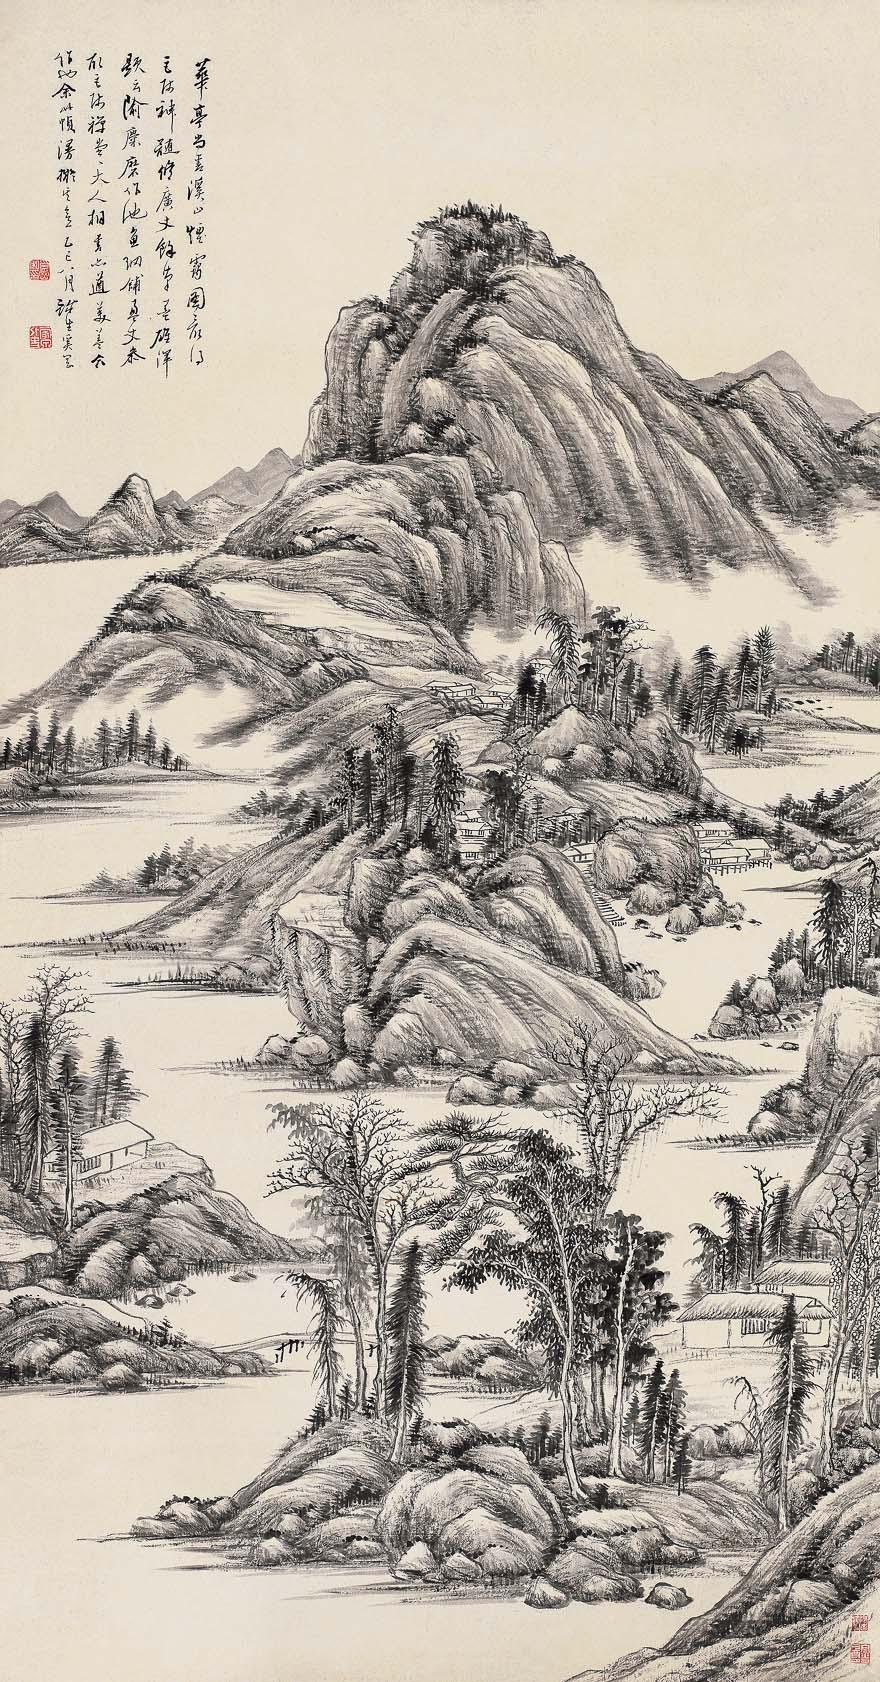 溪山烟霭图